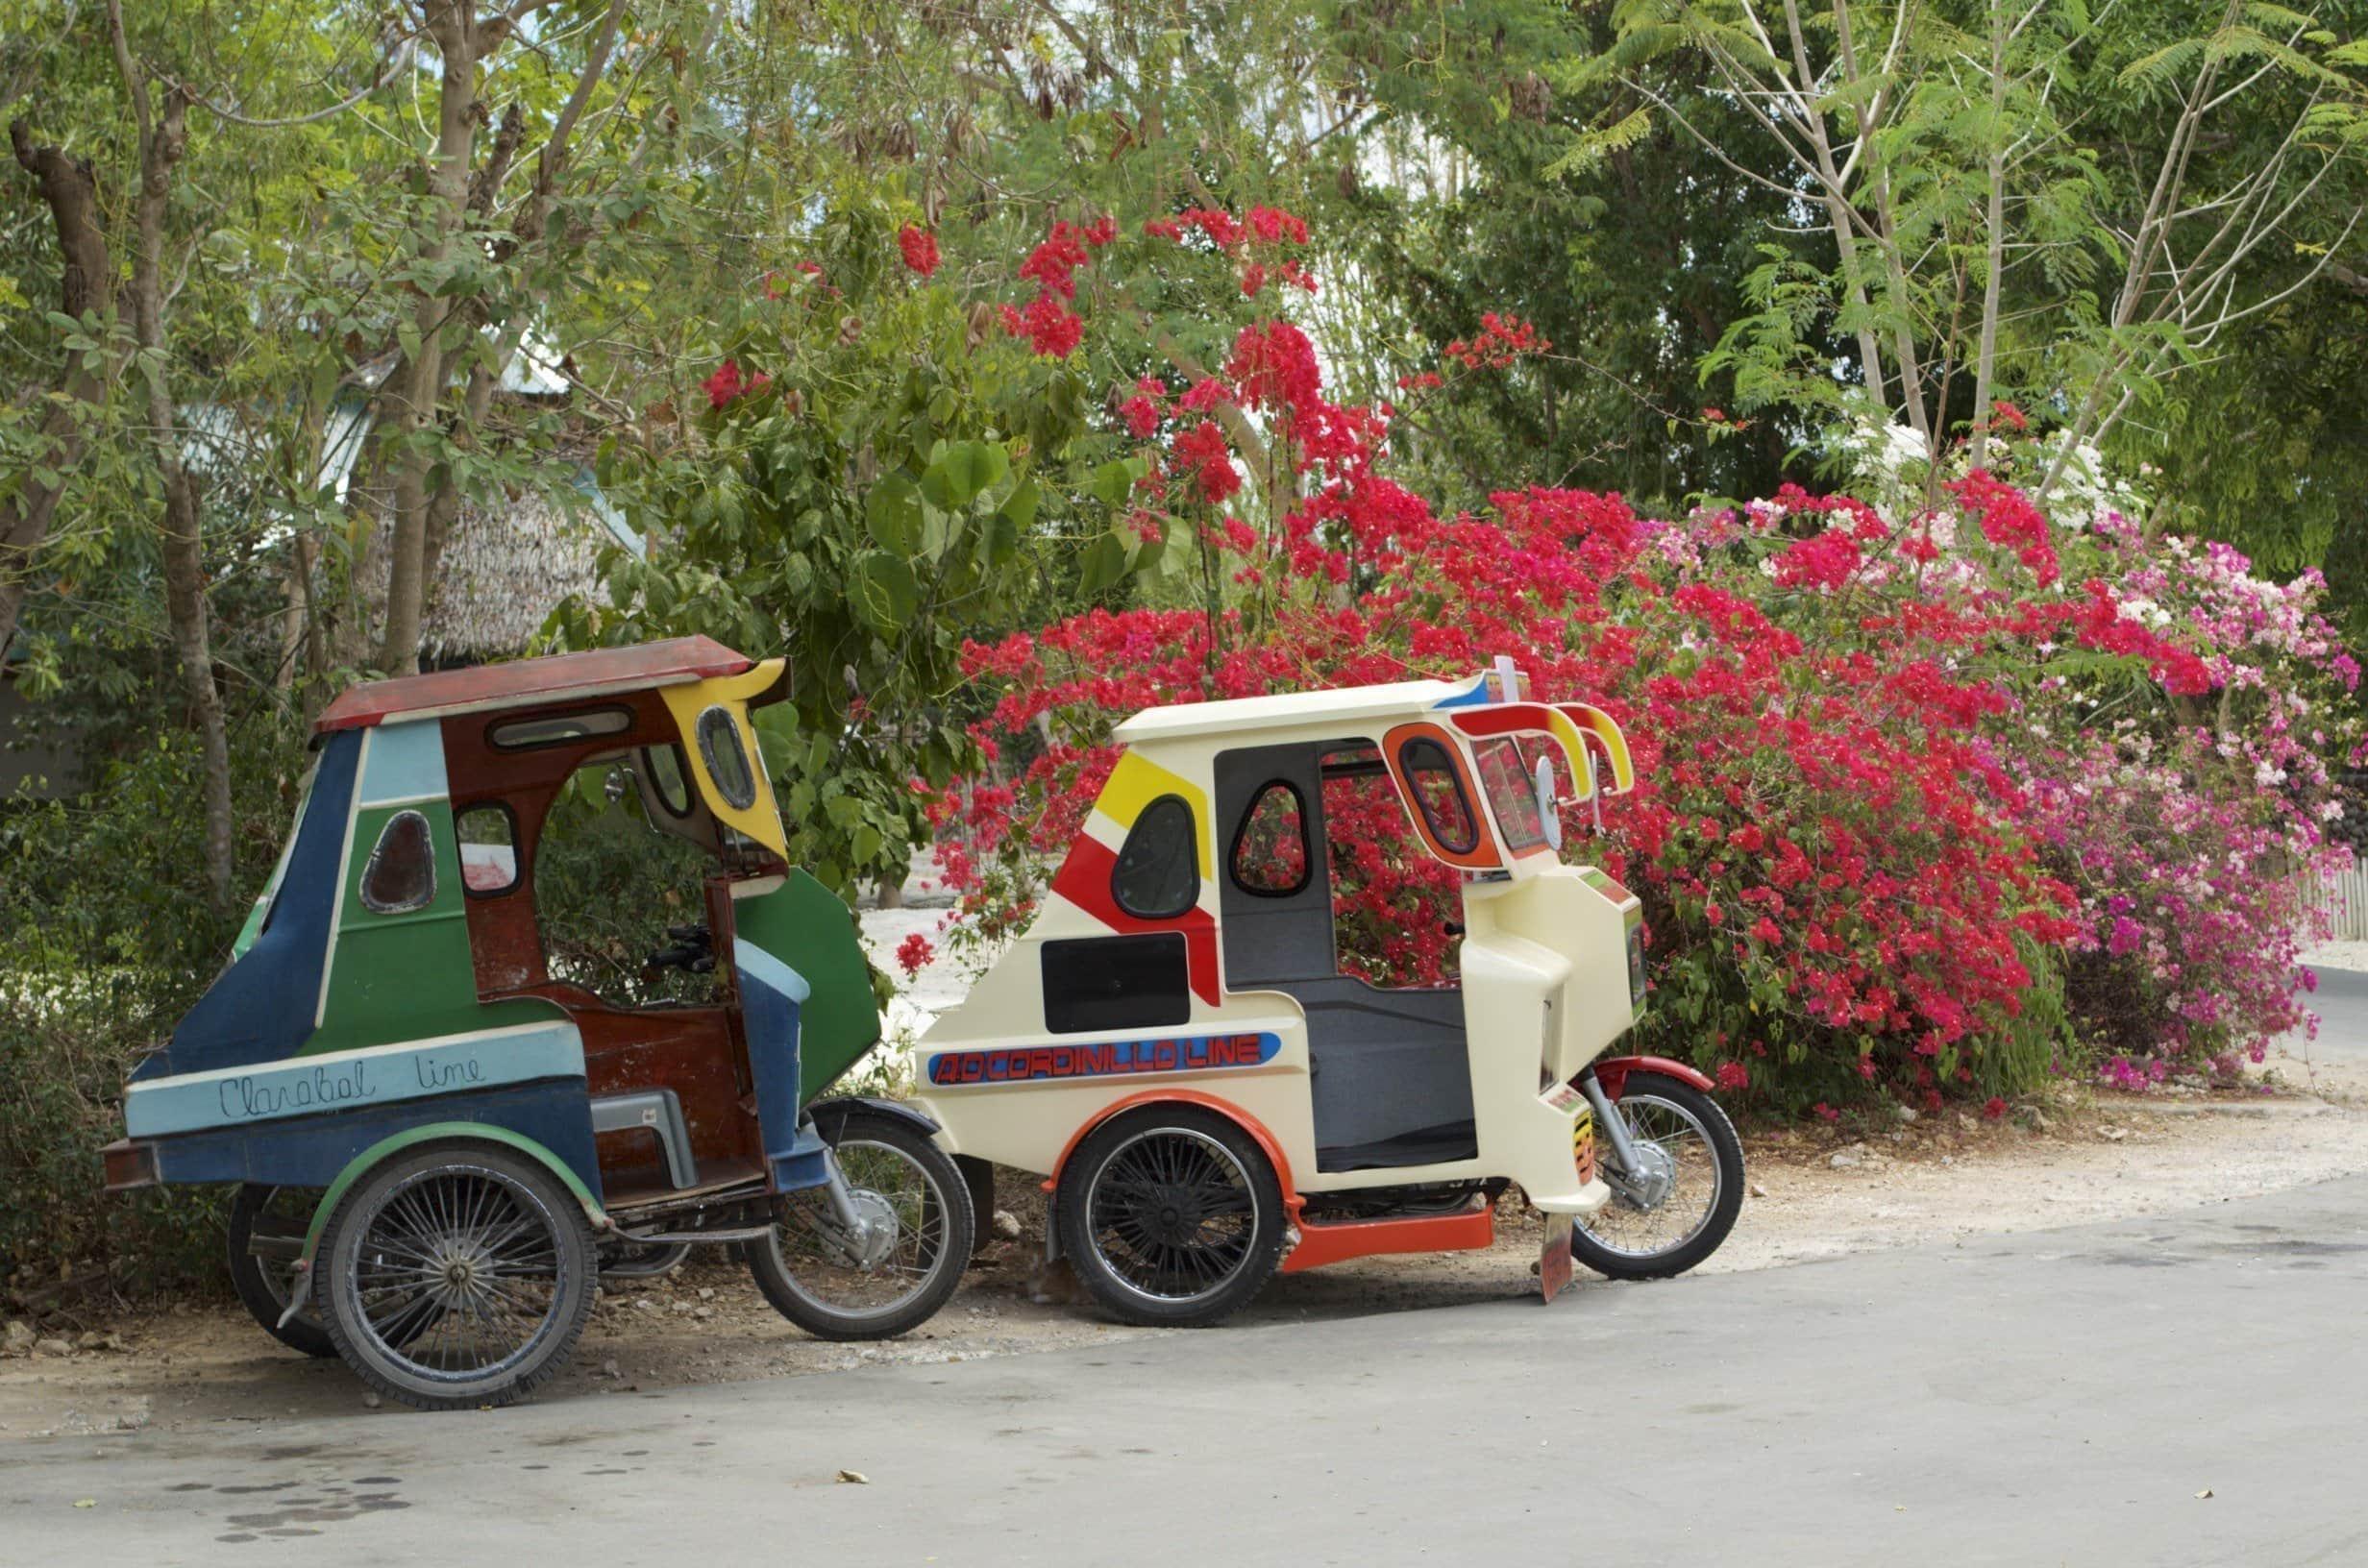 Tricycles vor bunten Blumen